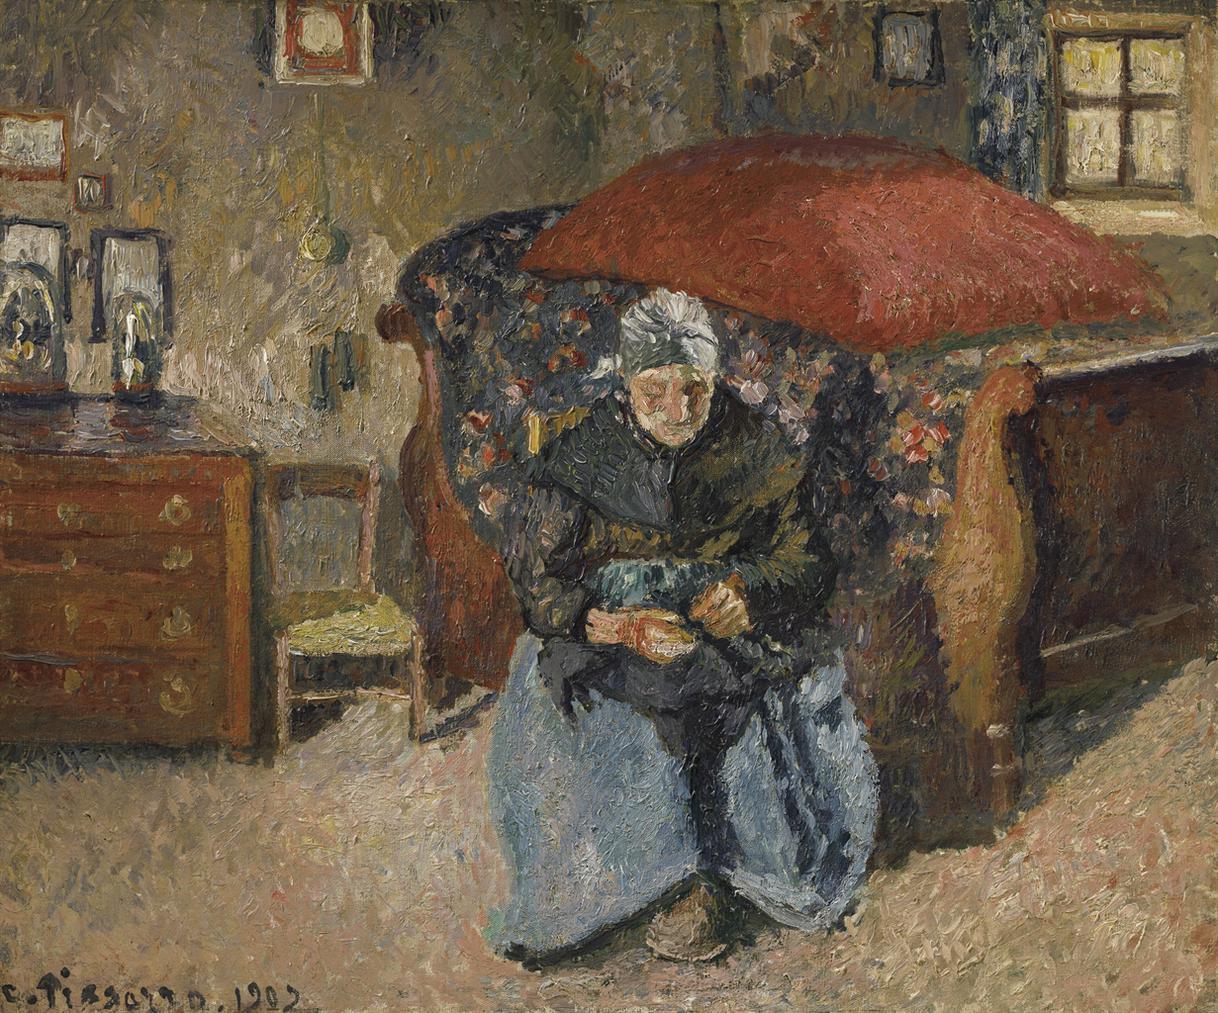 Camille Pissarro-Vieille Paysanne Raccommodant Des Hardes, Moret-1902